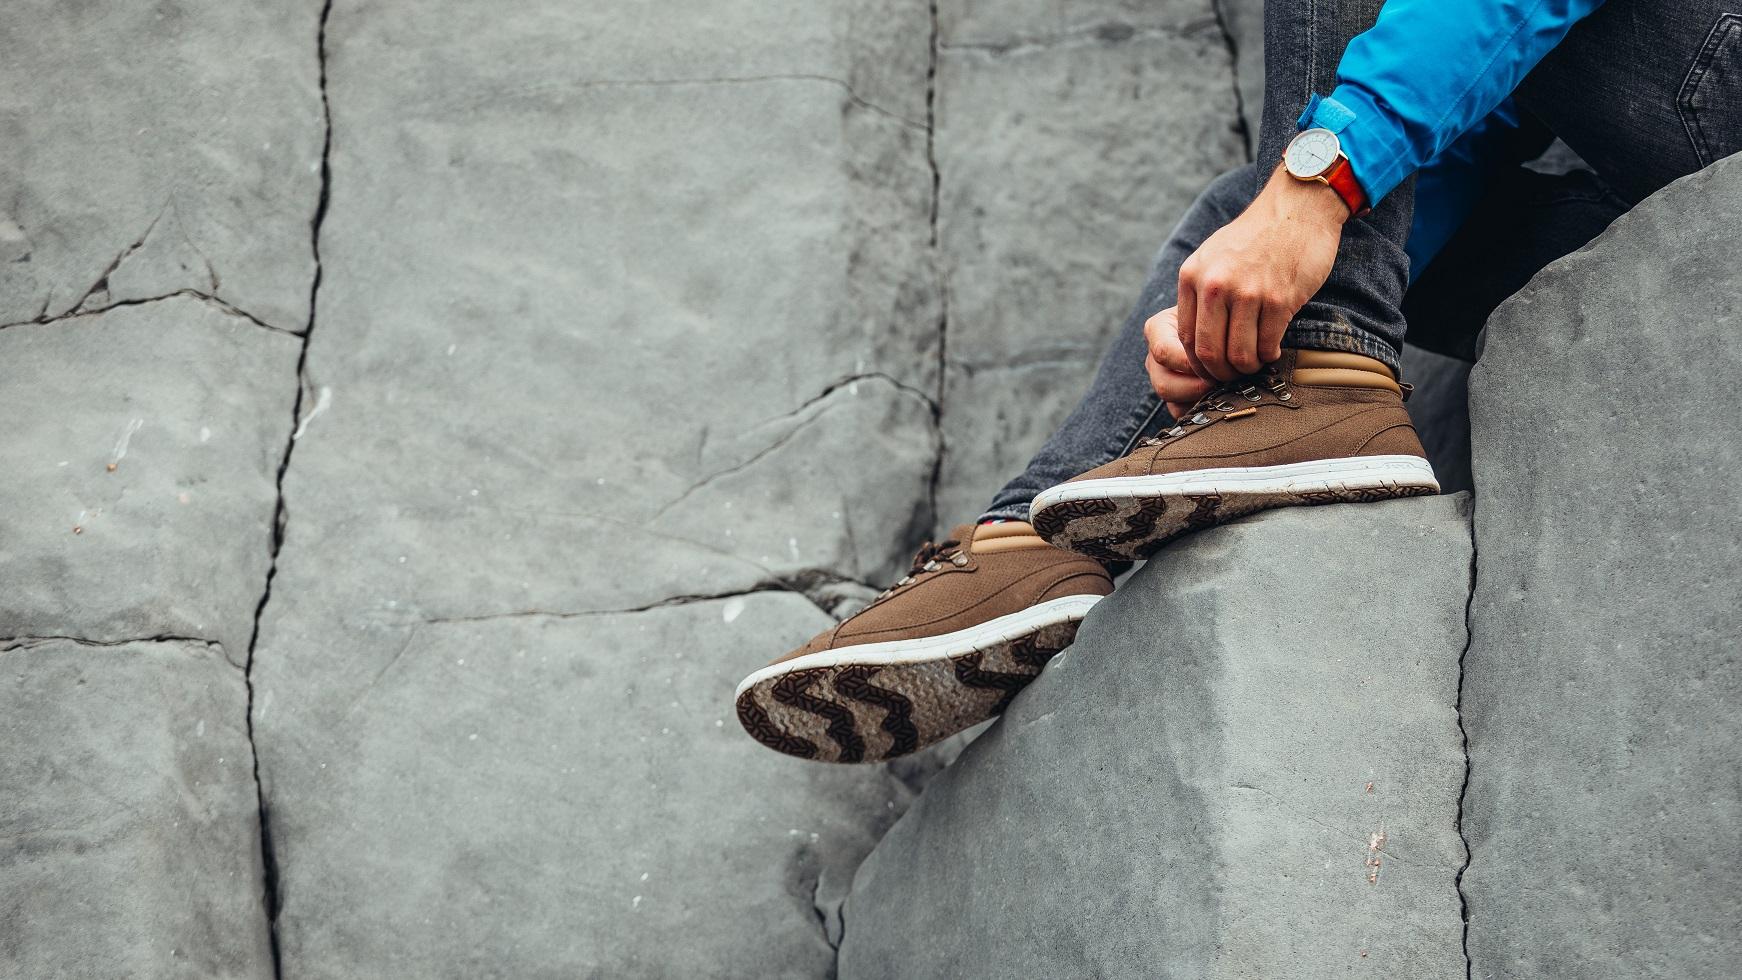 saola la marque de chaussures éco responsable